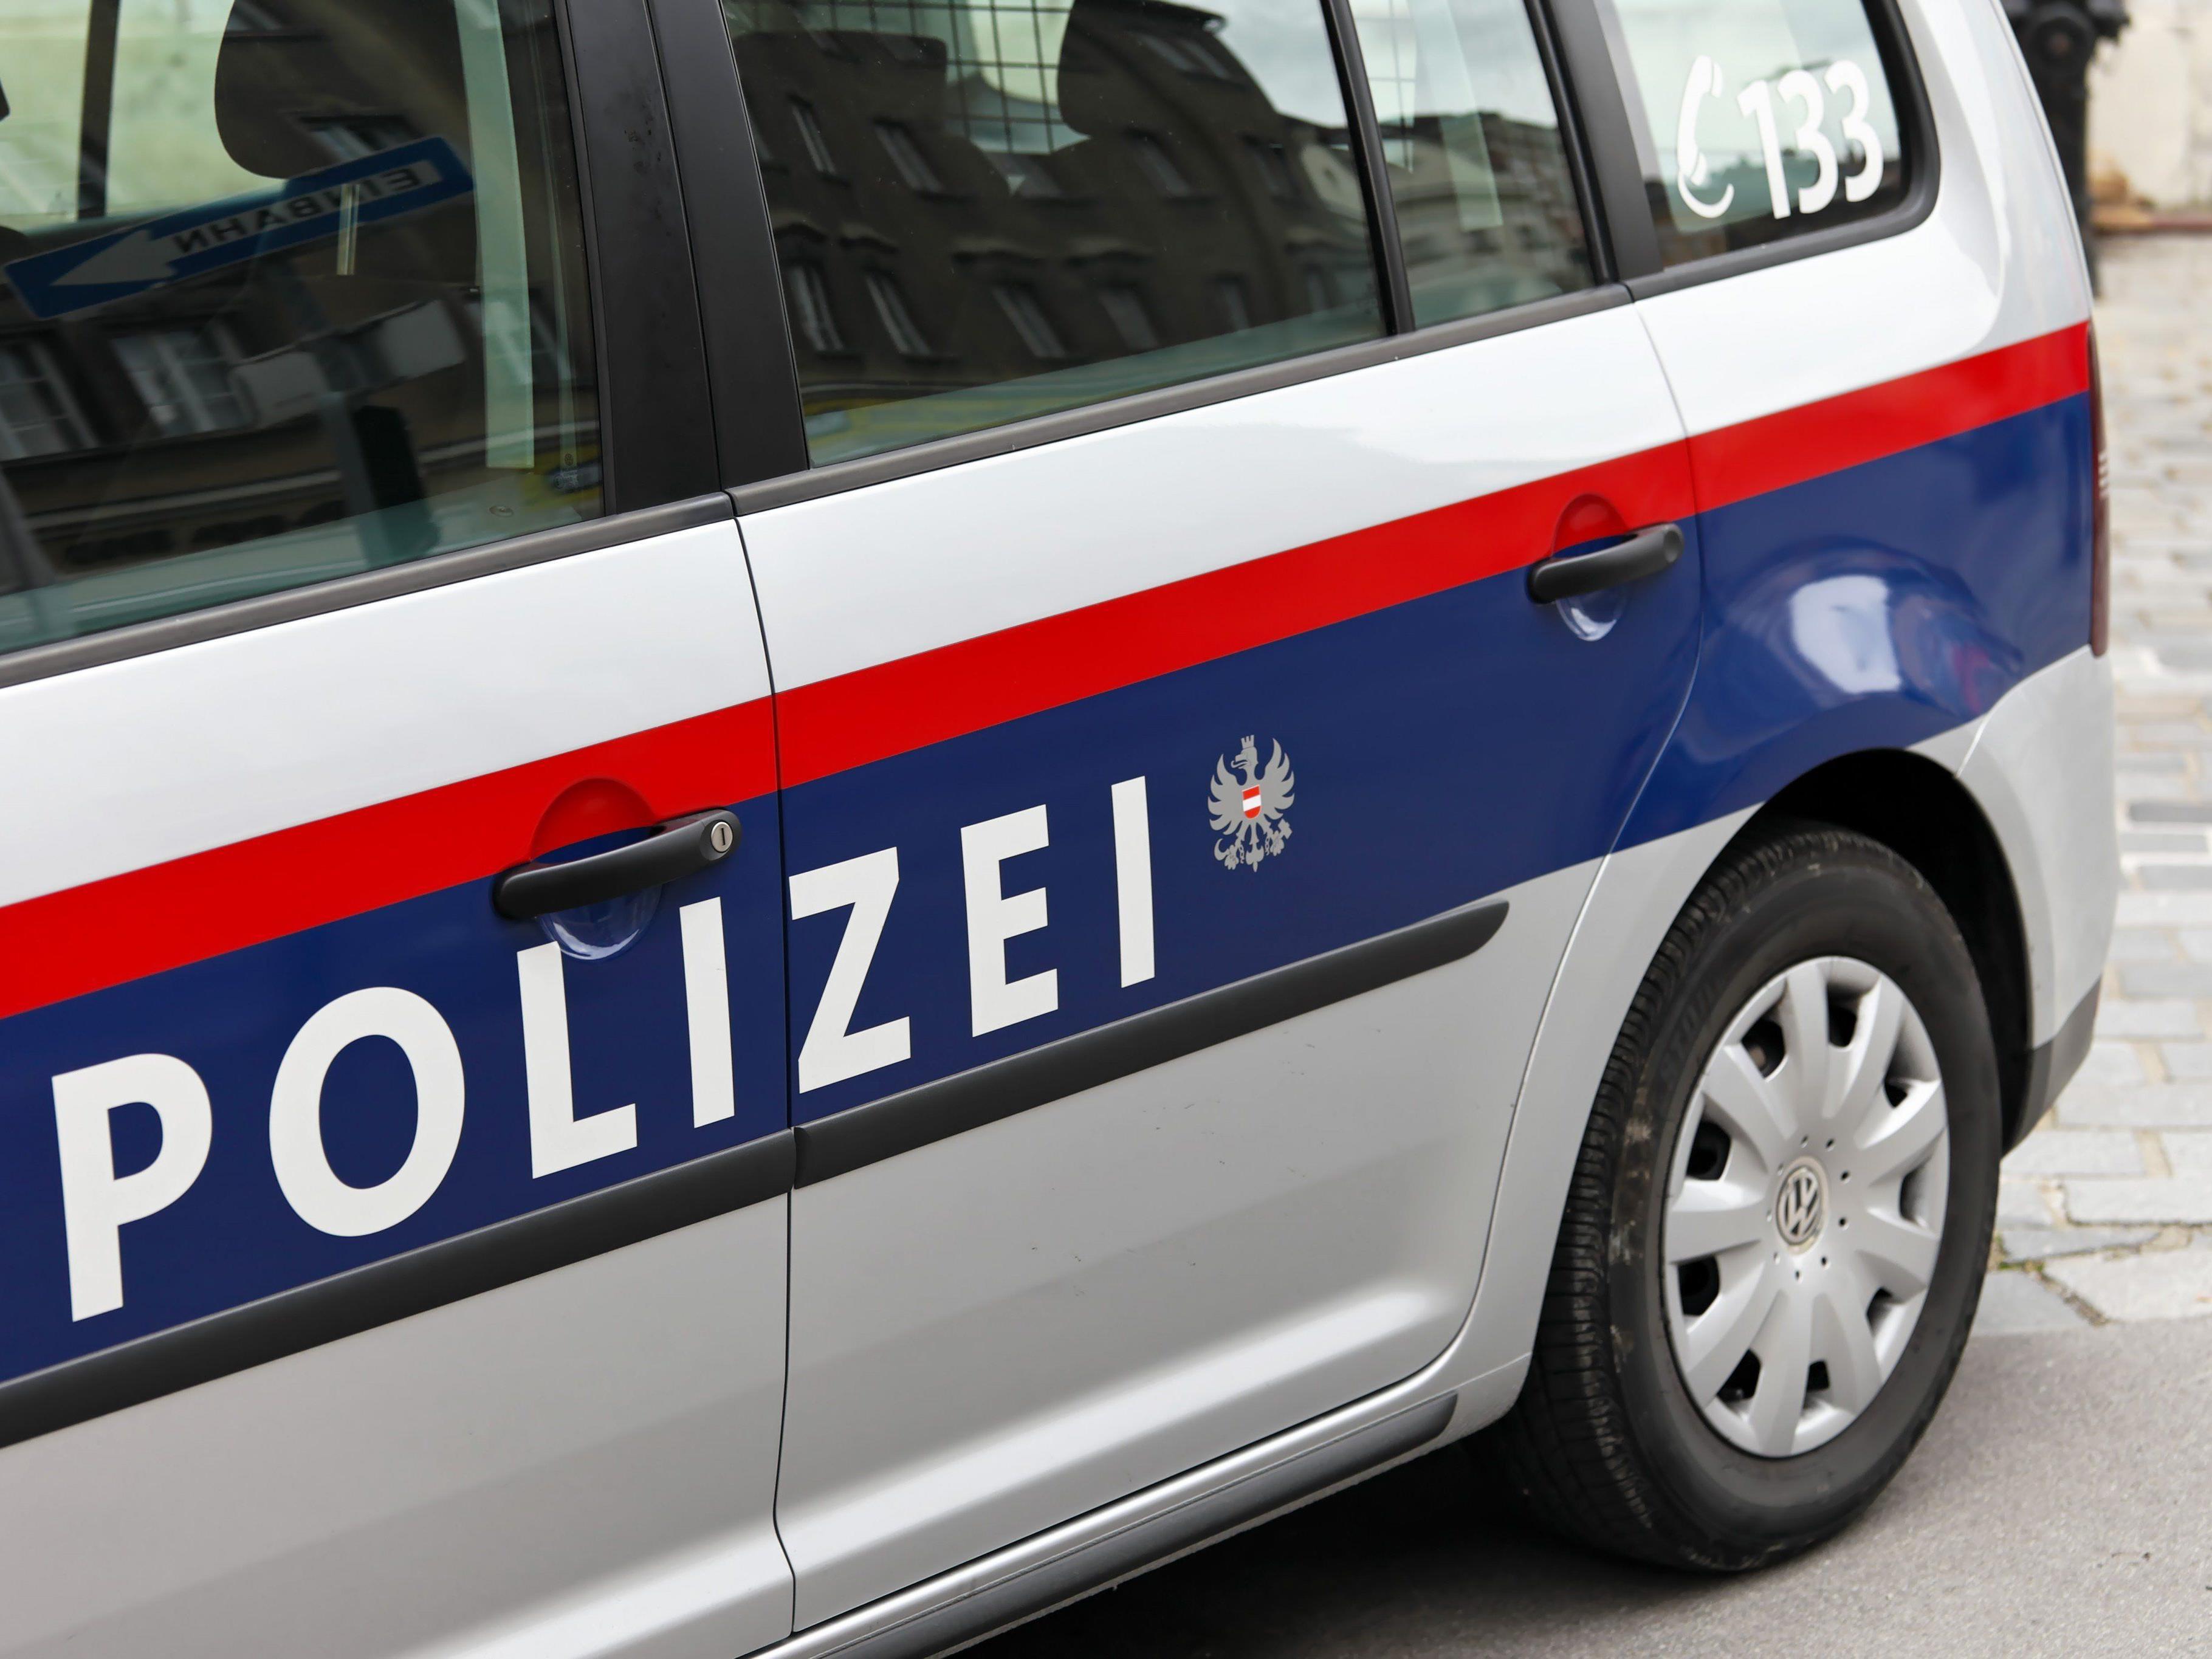 150 Personen sollen von den zwei mutmaßlichen Schleppern nach Österreich geschleust worden sein.